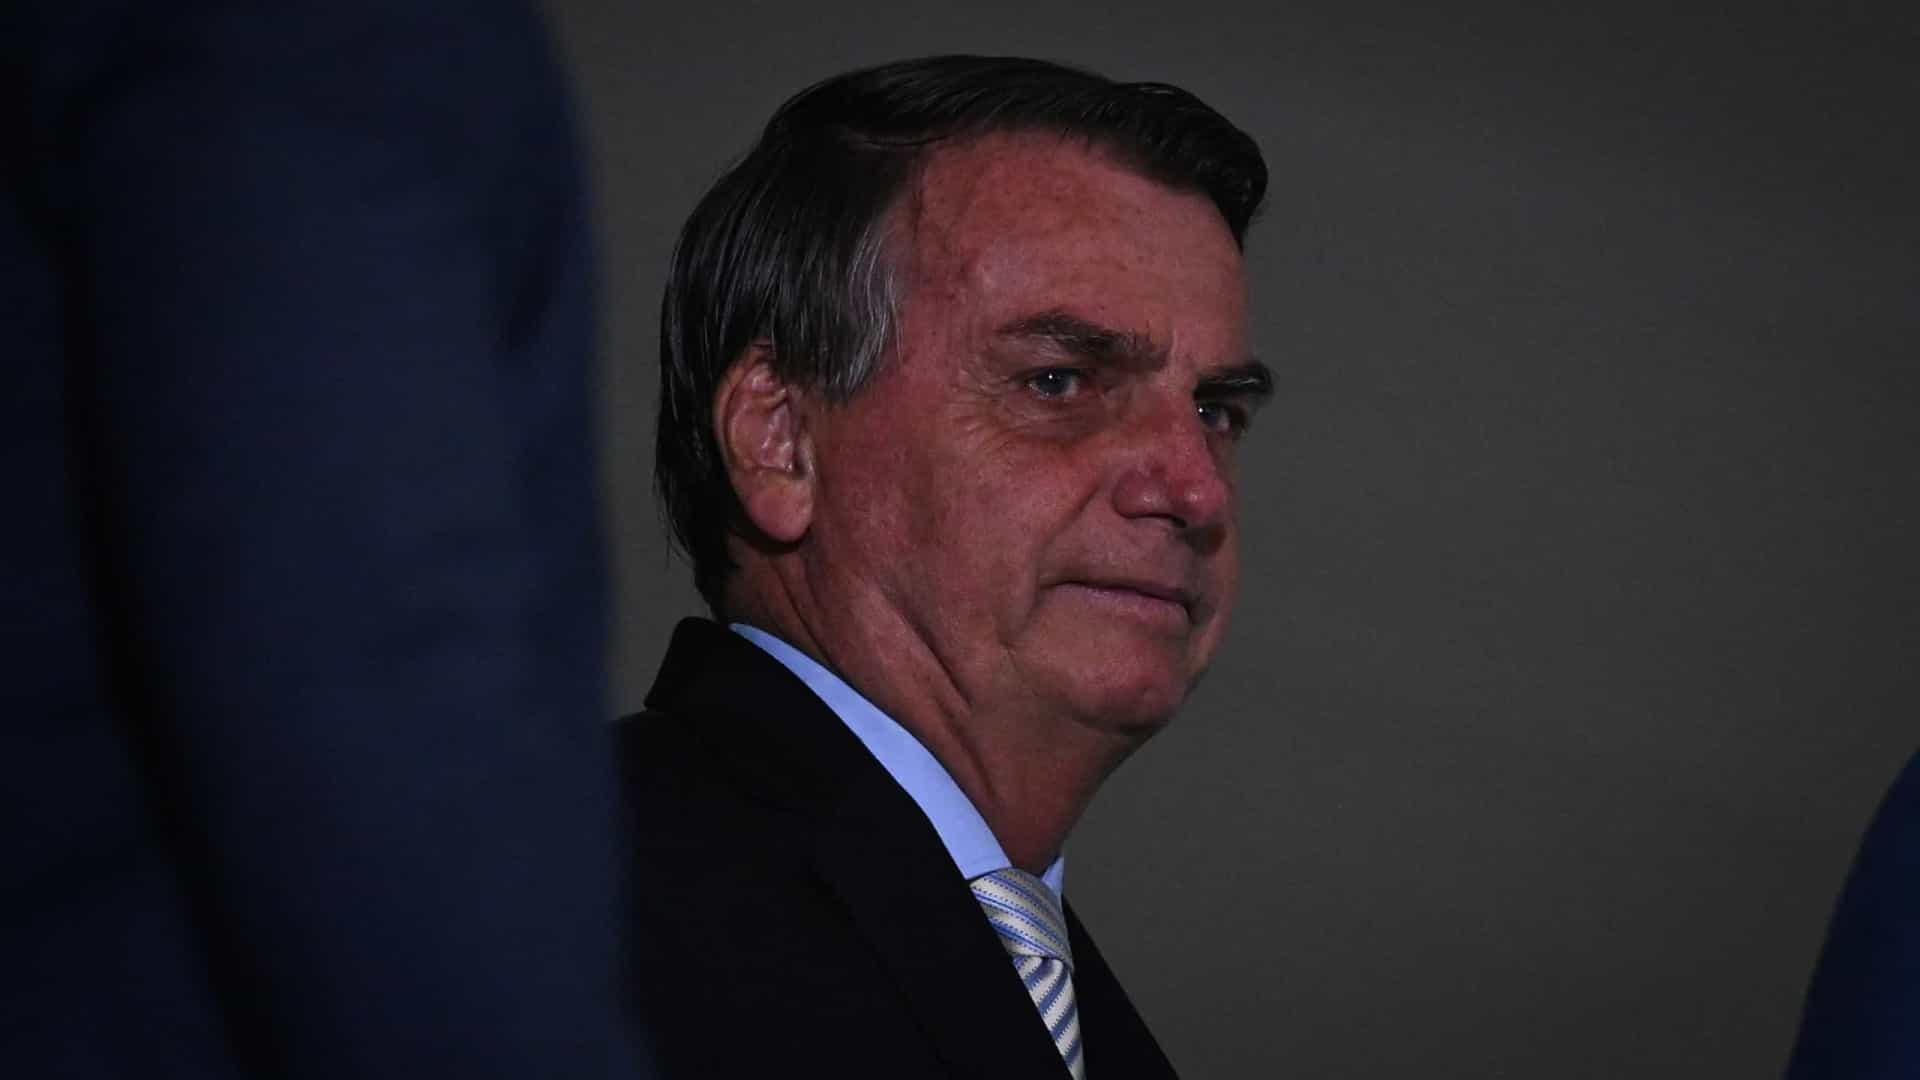 Para Bolsonaro, País está dividido e em uma luta ferrenha para eleições de 2022